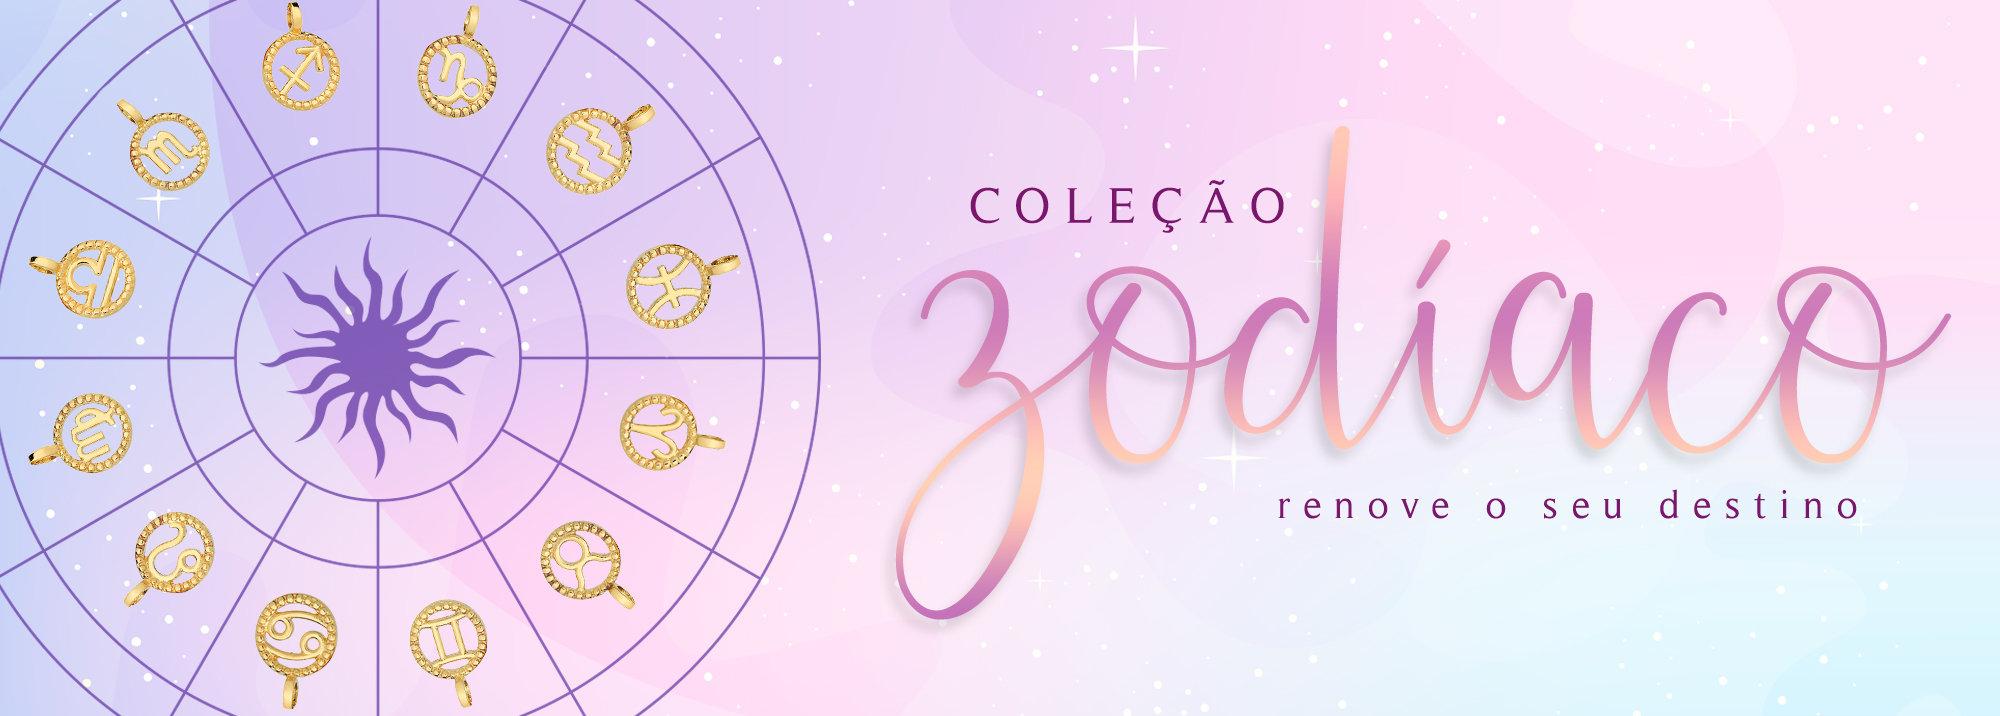 Coleção Zodíaco